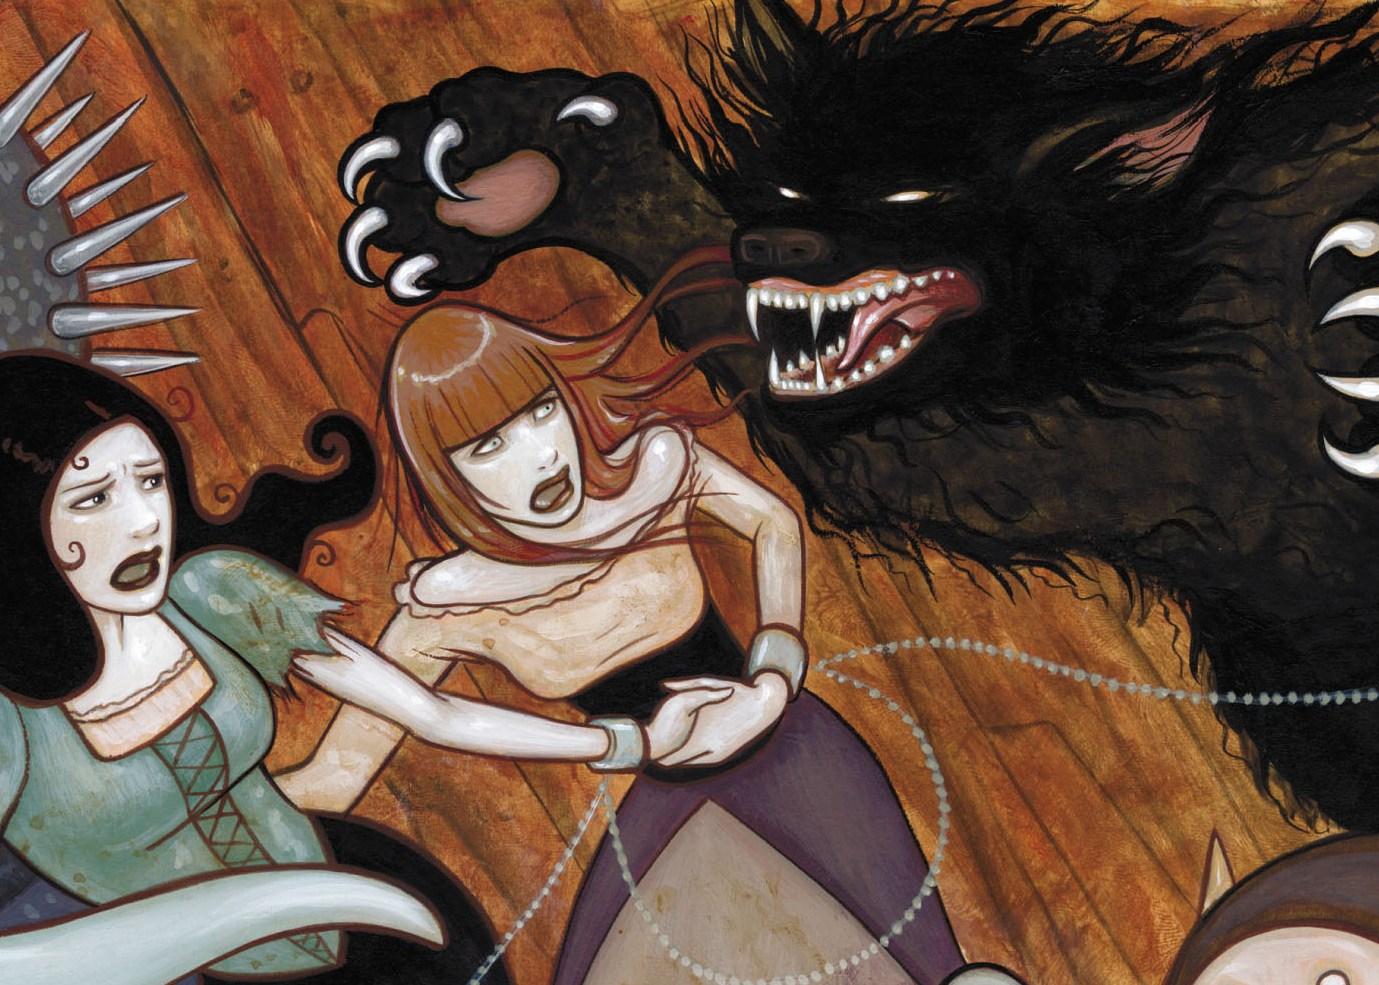 Читаем комикс «Сказки: Диаспора»: жестокие сказки о древней ведьме 15